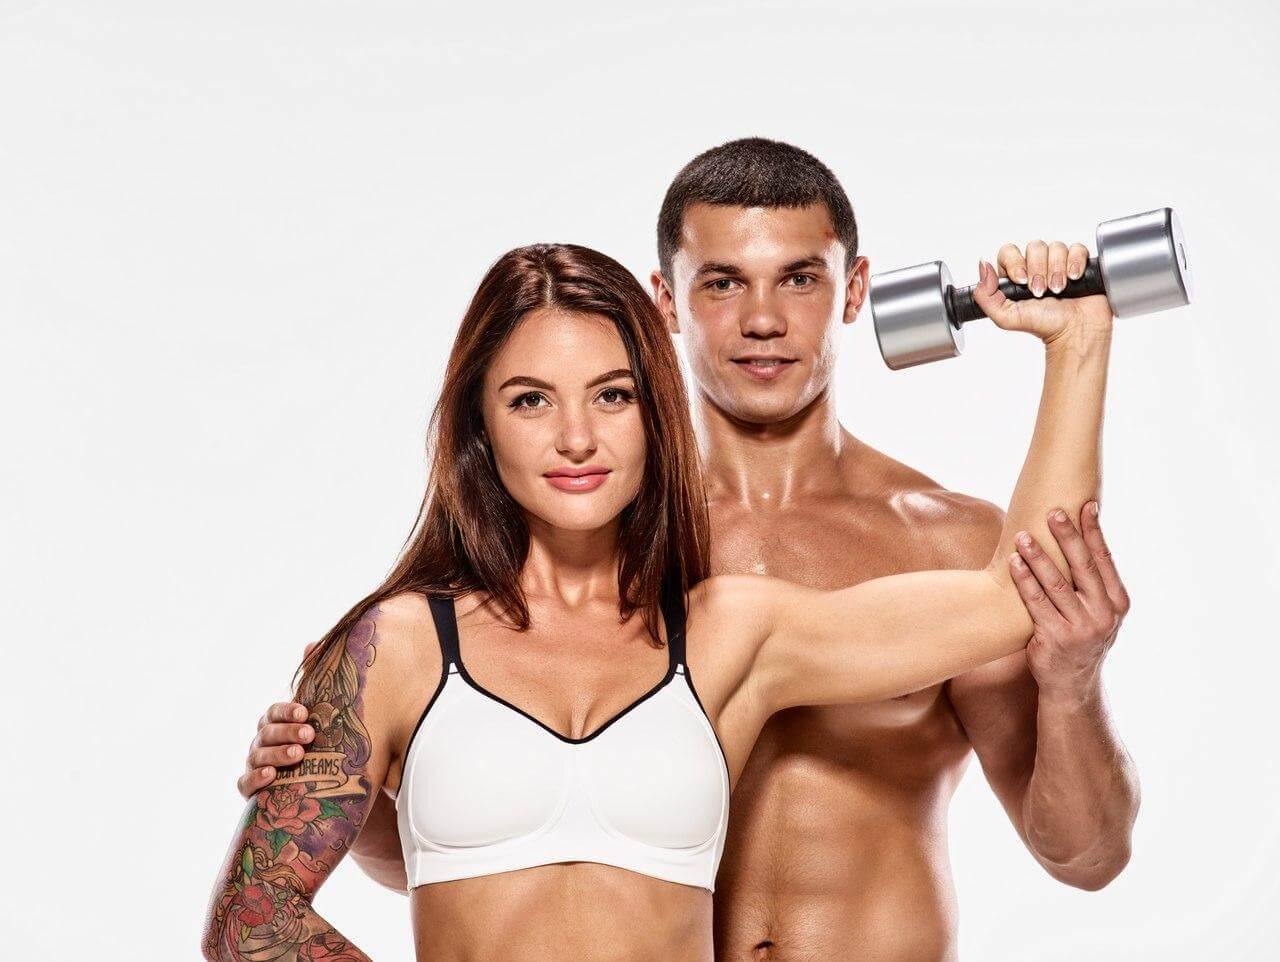 Спортивный клуб единоборств в Киеве Nikko Fight Club: тренировки для молодости, здоровья и красоты